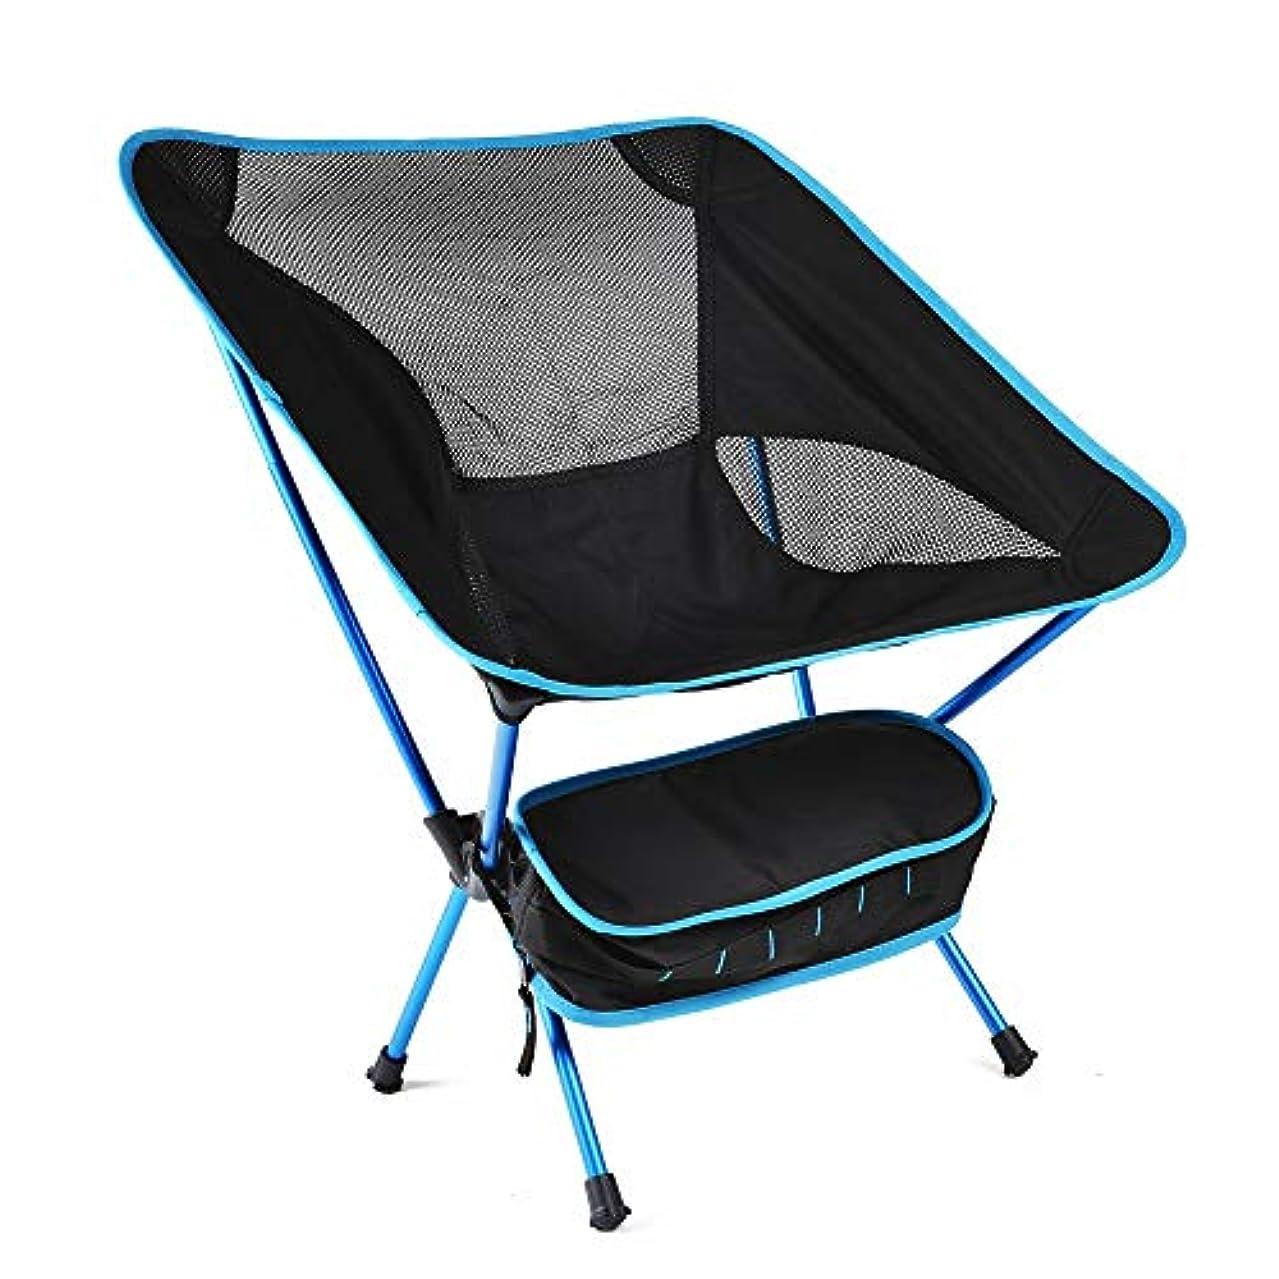 救いごめんなさい大混乱携帯用キャンプチェアの調節可能な高さ - ハイカー、キャンプ、浜、屋外のための運送袋の密集した超軽量の折るバックパッキングの椅子 アウトドア キャンプ用 (色 : 青, サイズ : 56X60.5X65.5cm)